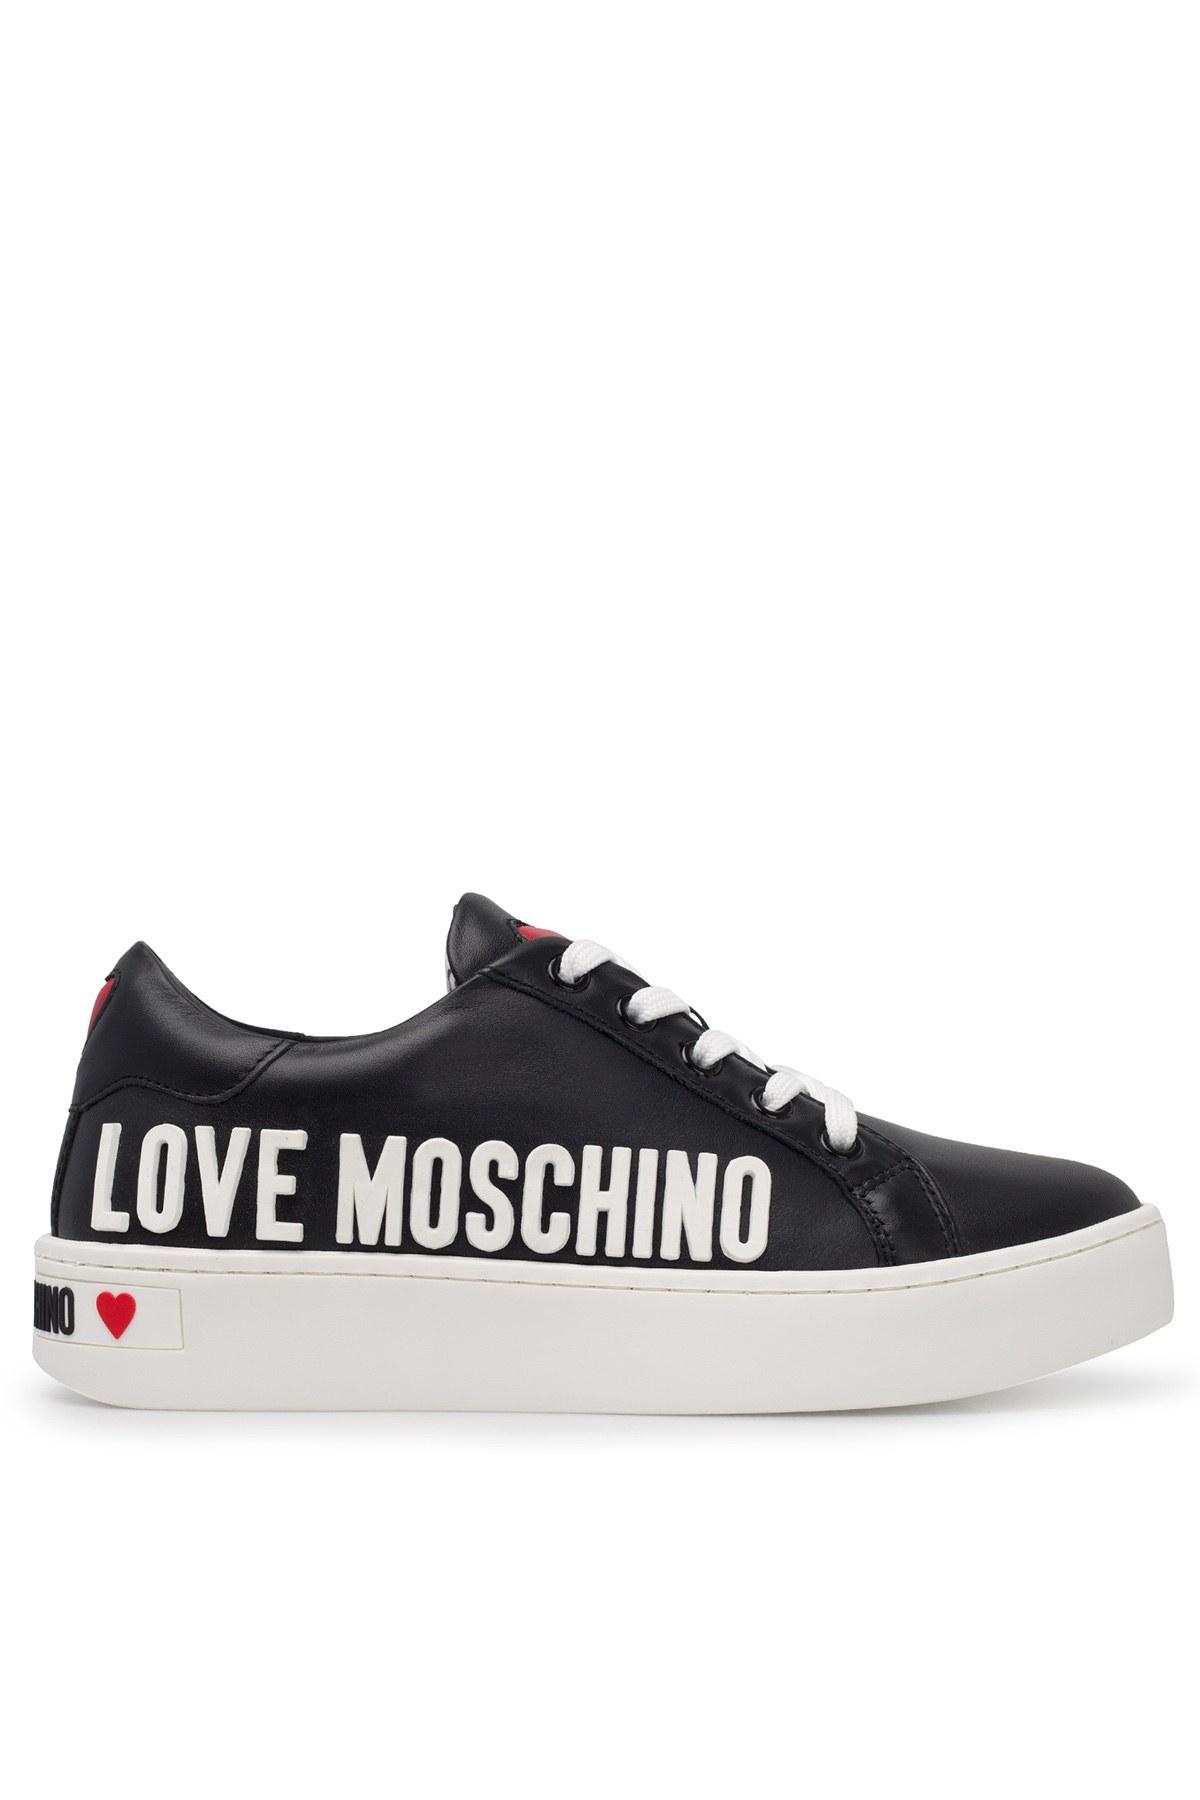 Love Moschino Deri Bayan Ayakkabı JA15063G1BIA0000 SİYAH